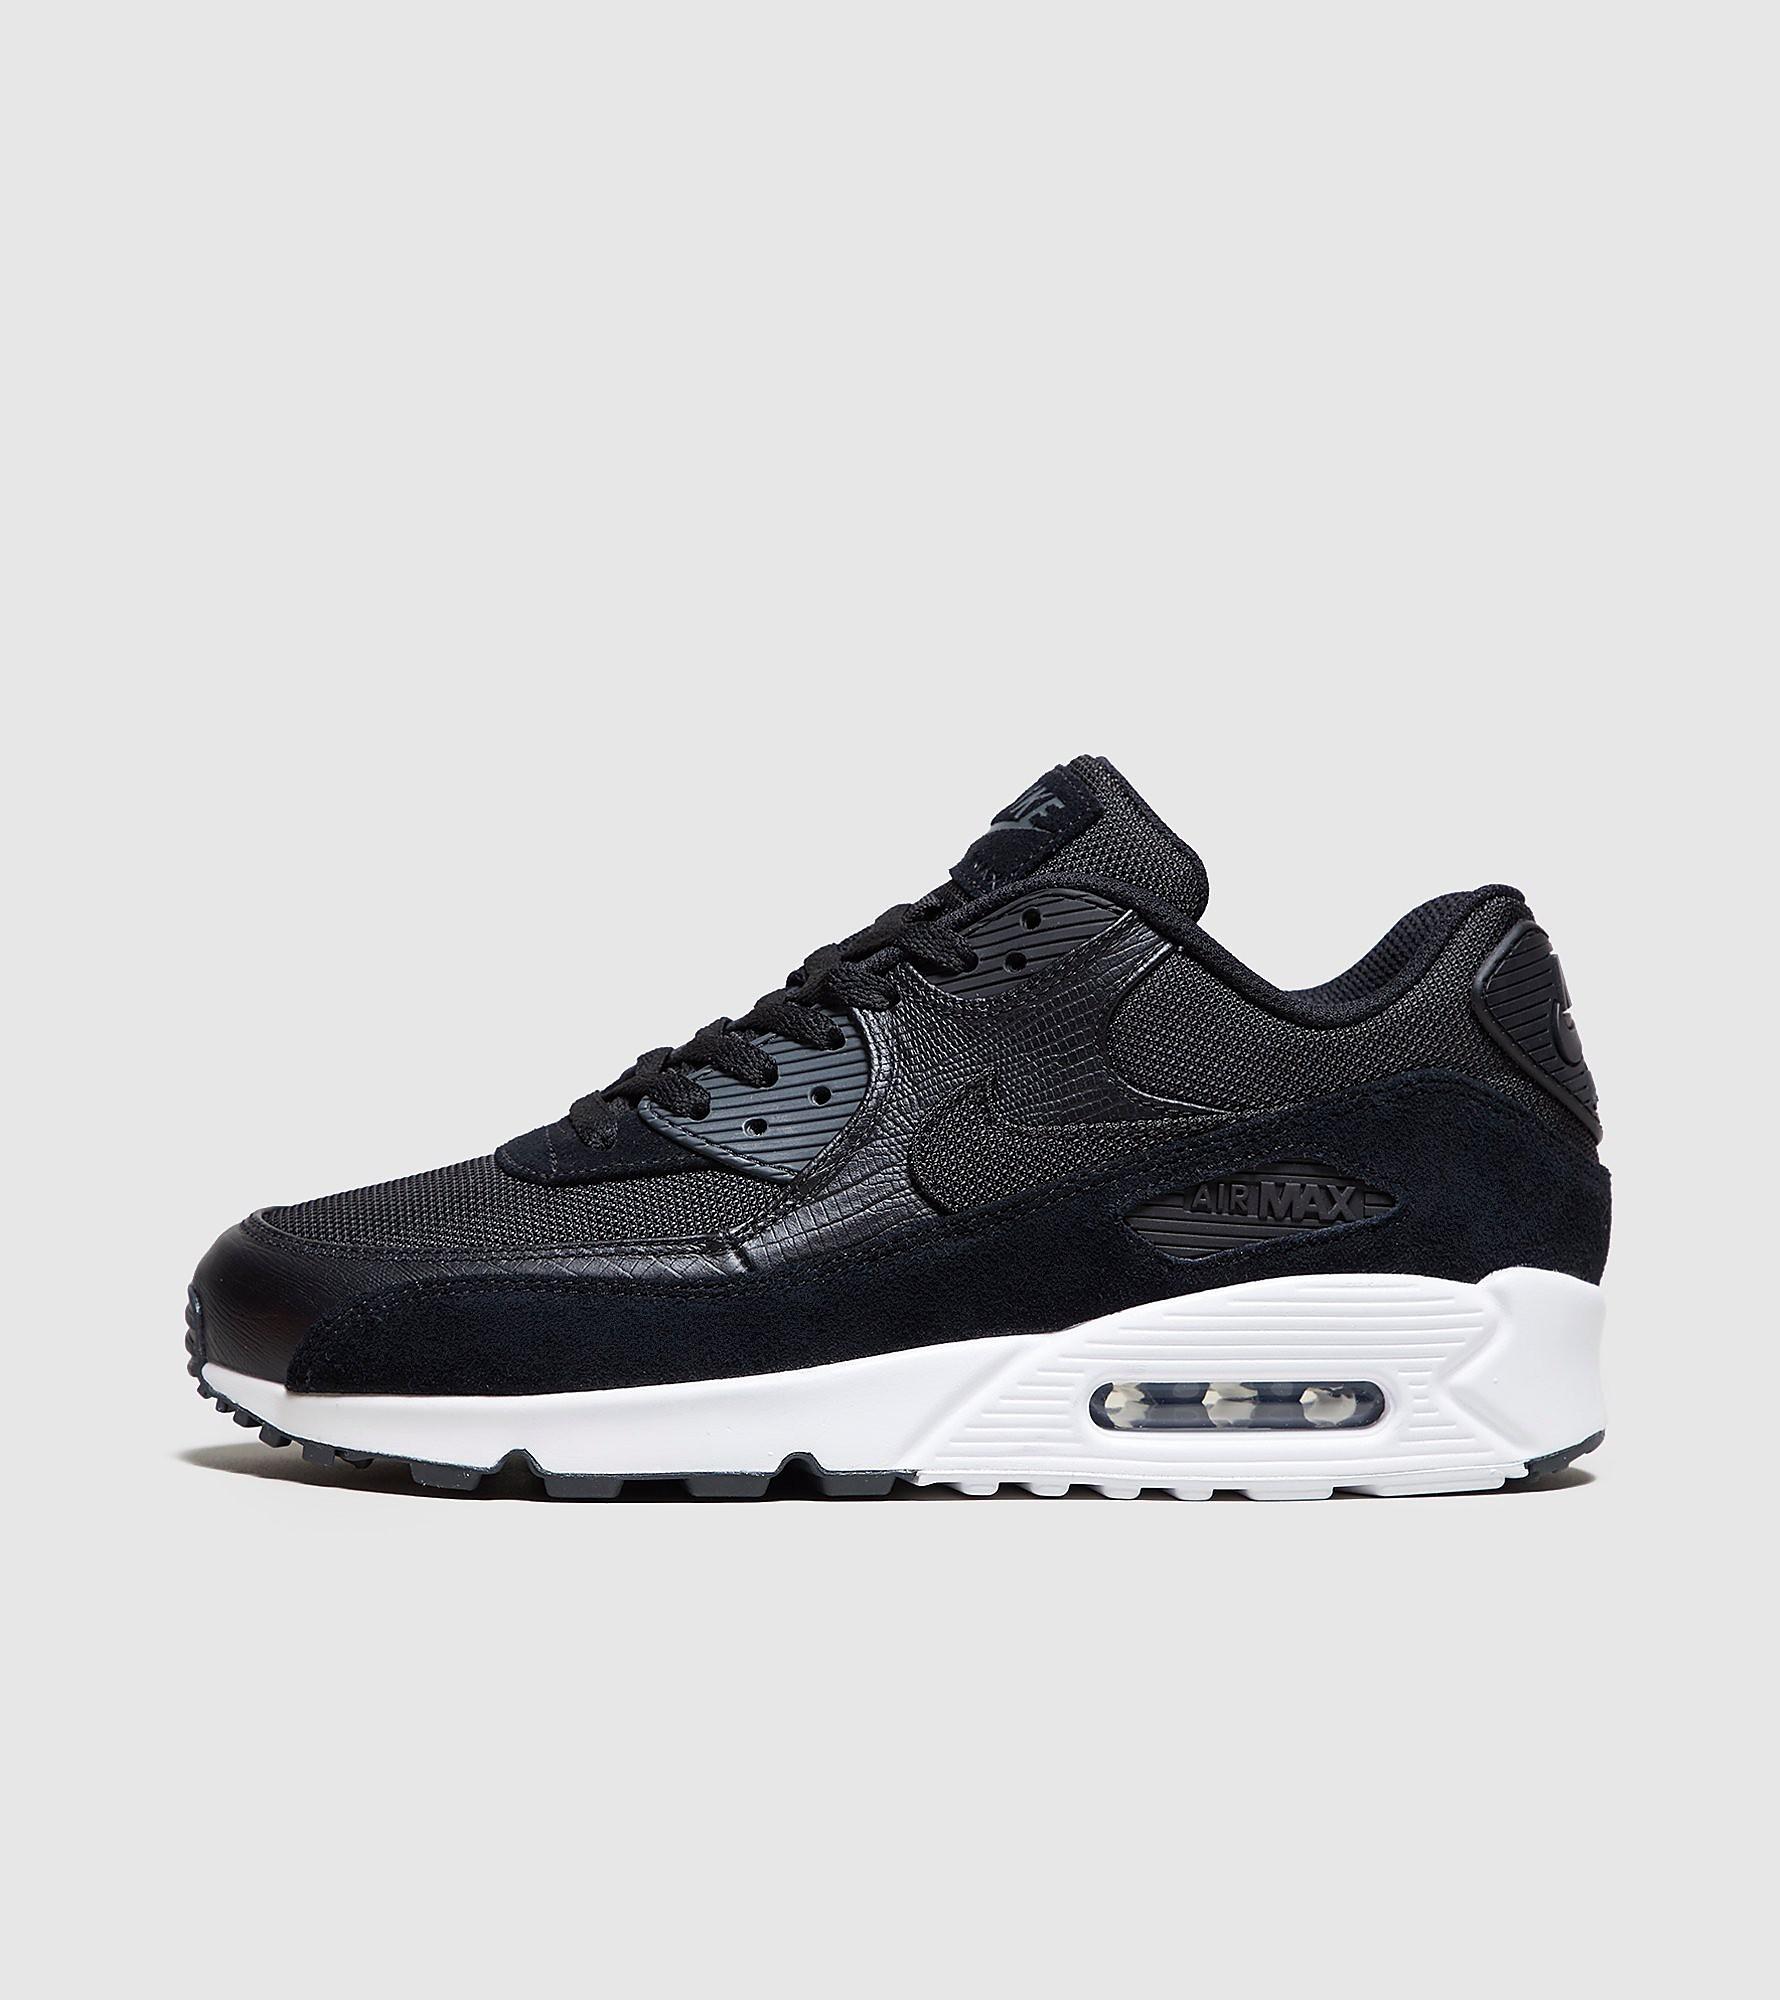 Nike Air Max 90 Premium, Black